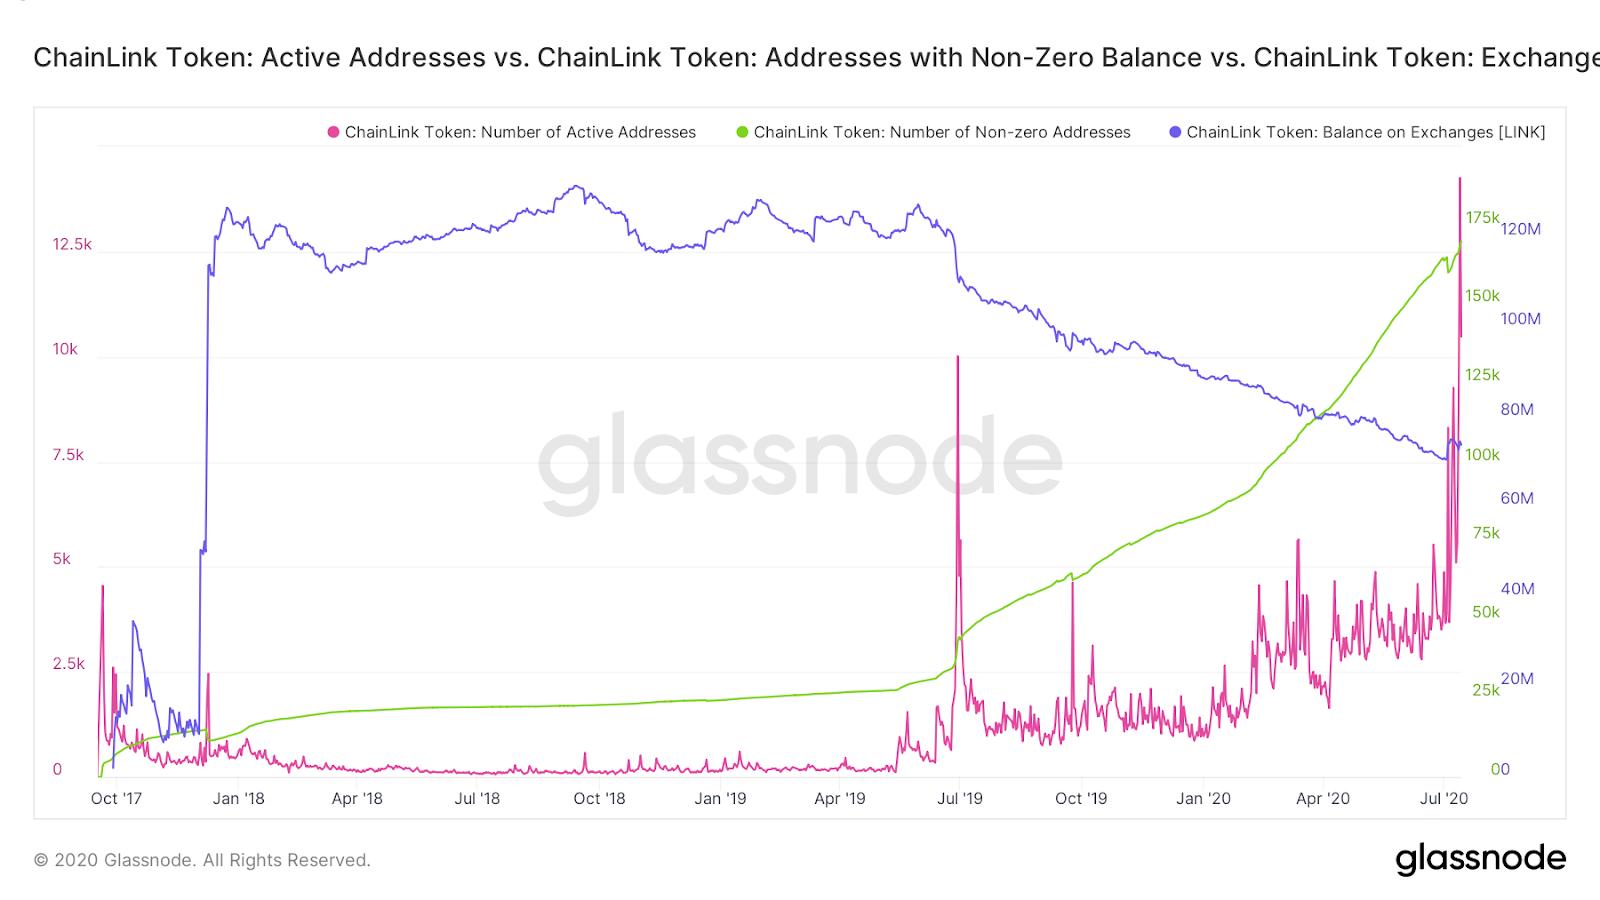 LINK active addresses, addresses with non-zero balance & exchange balances